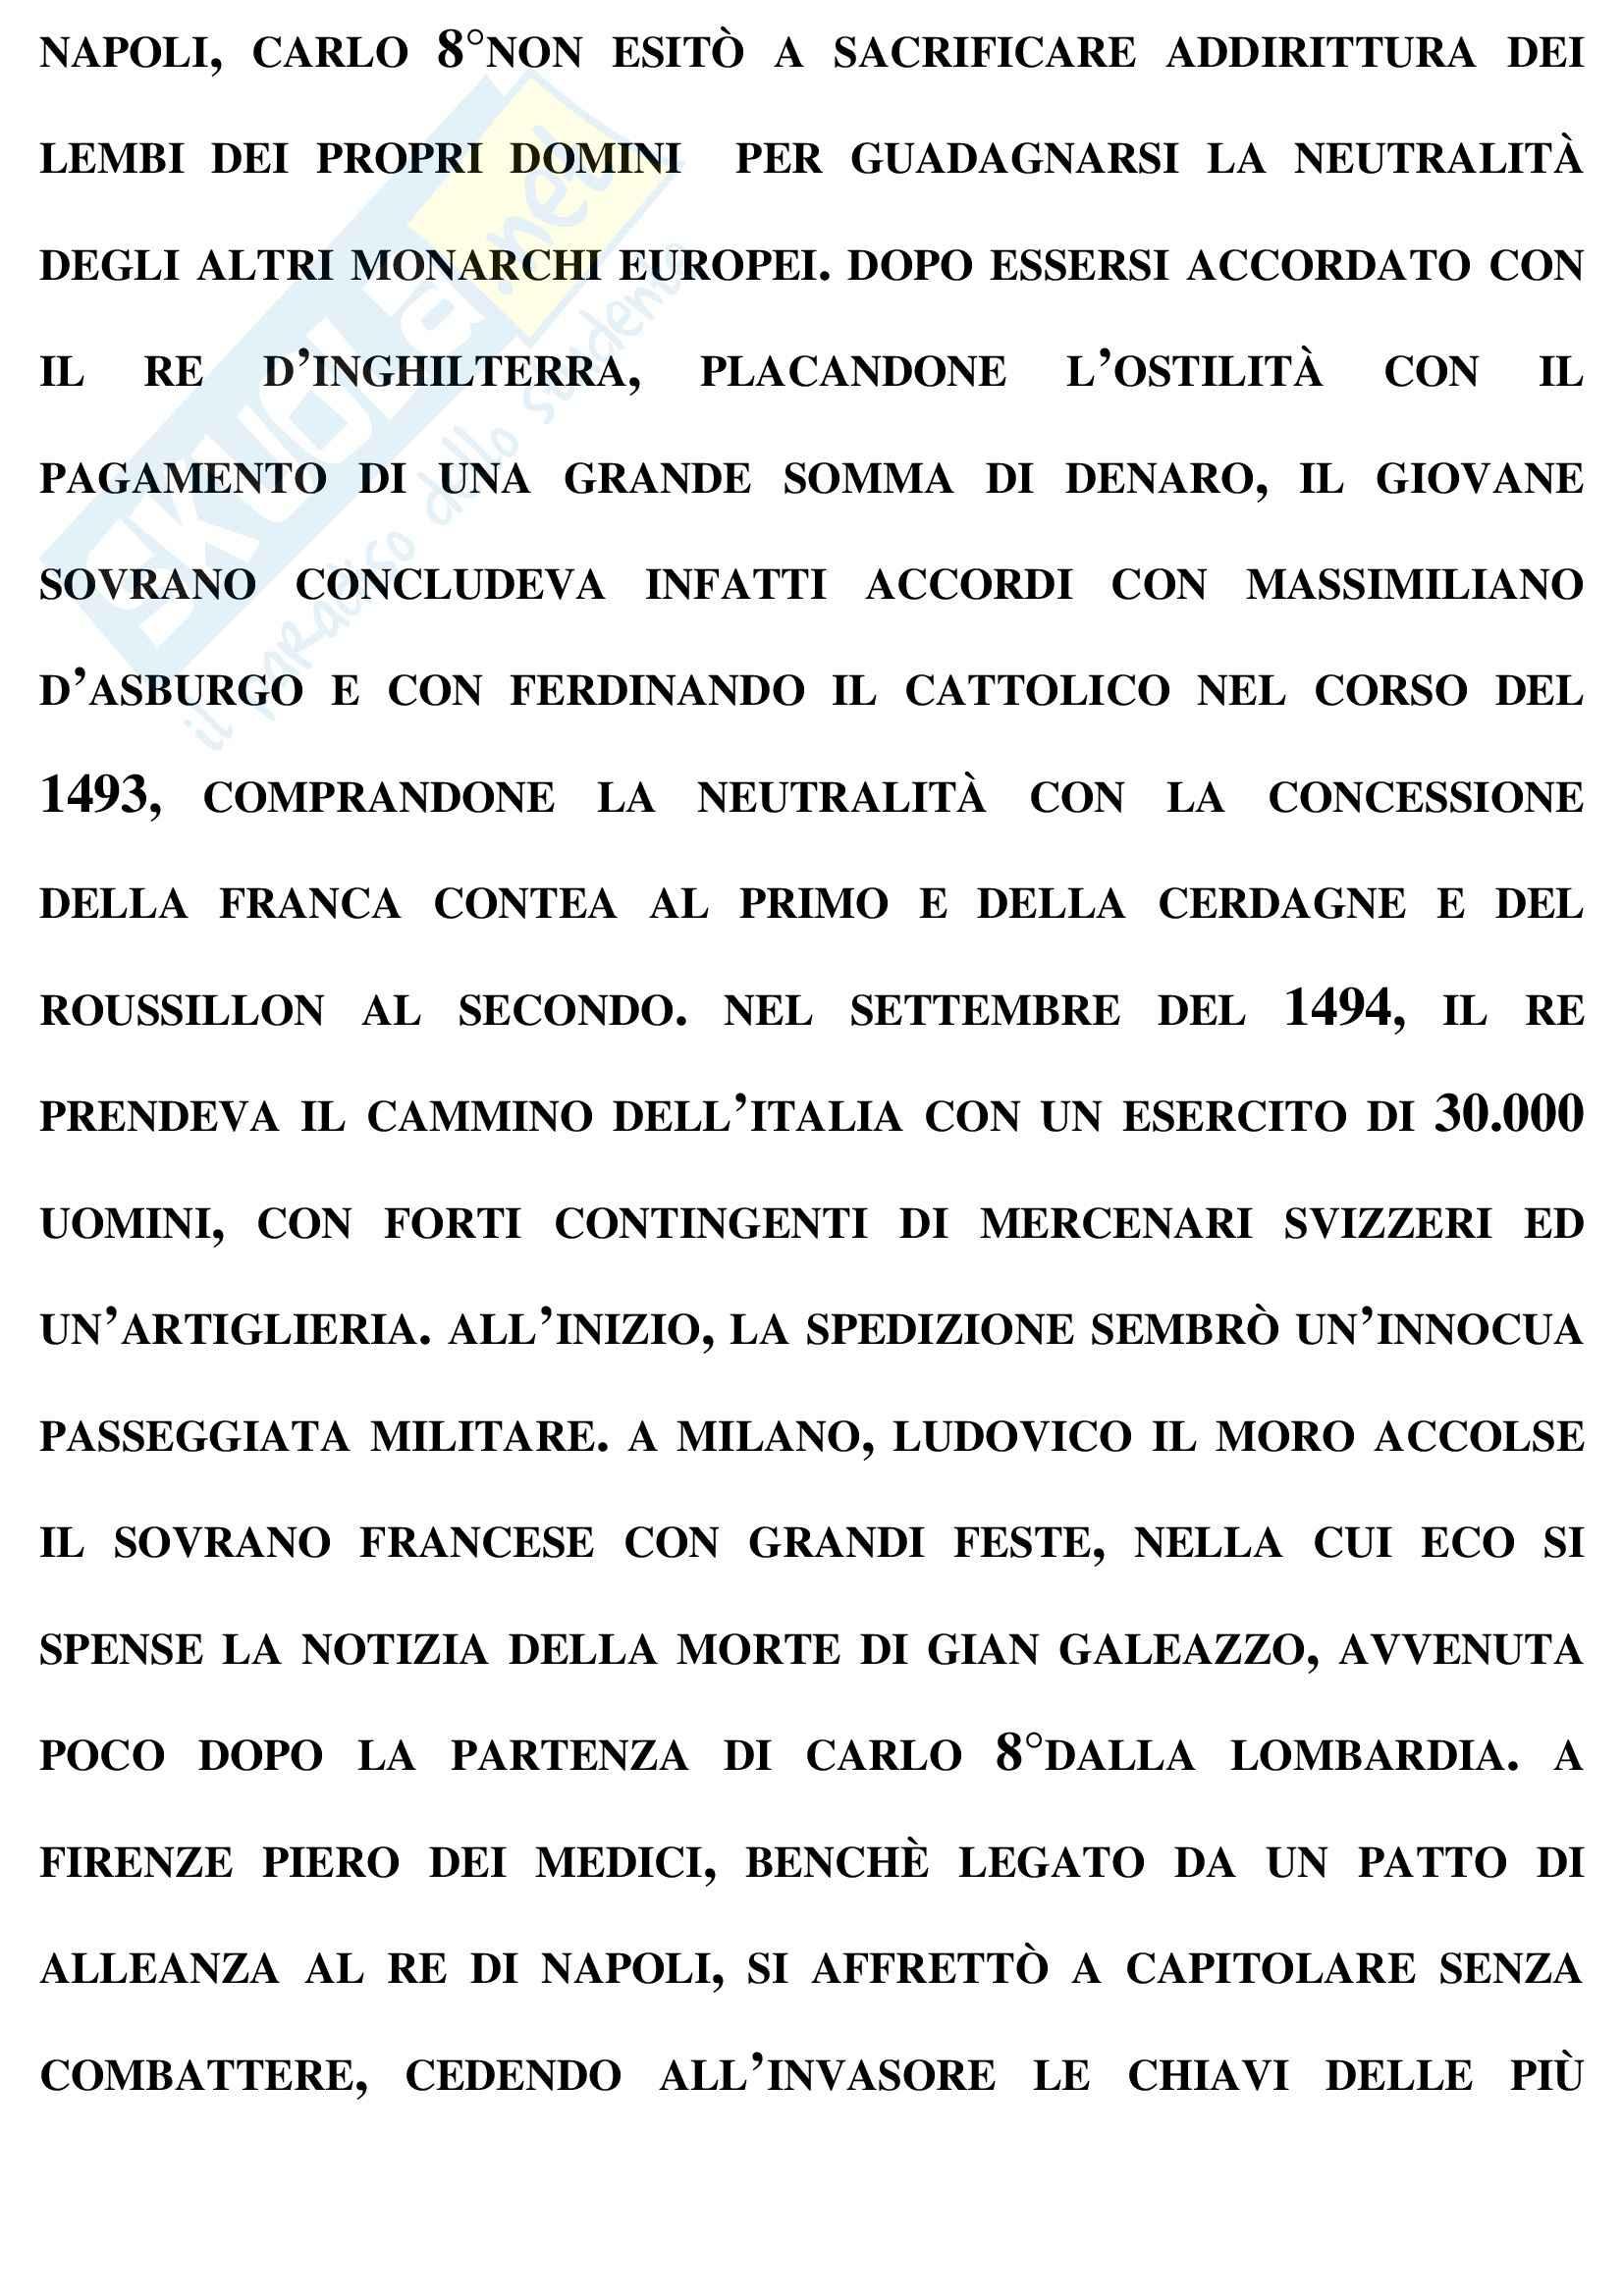 Riassunto esame Storia moderna, prof. Formigoni Pag. 26